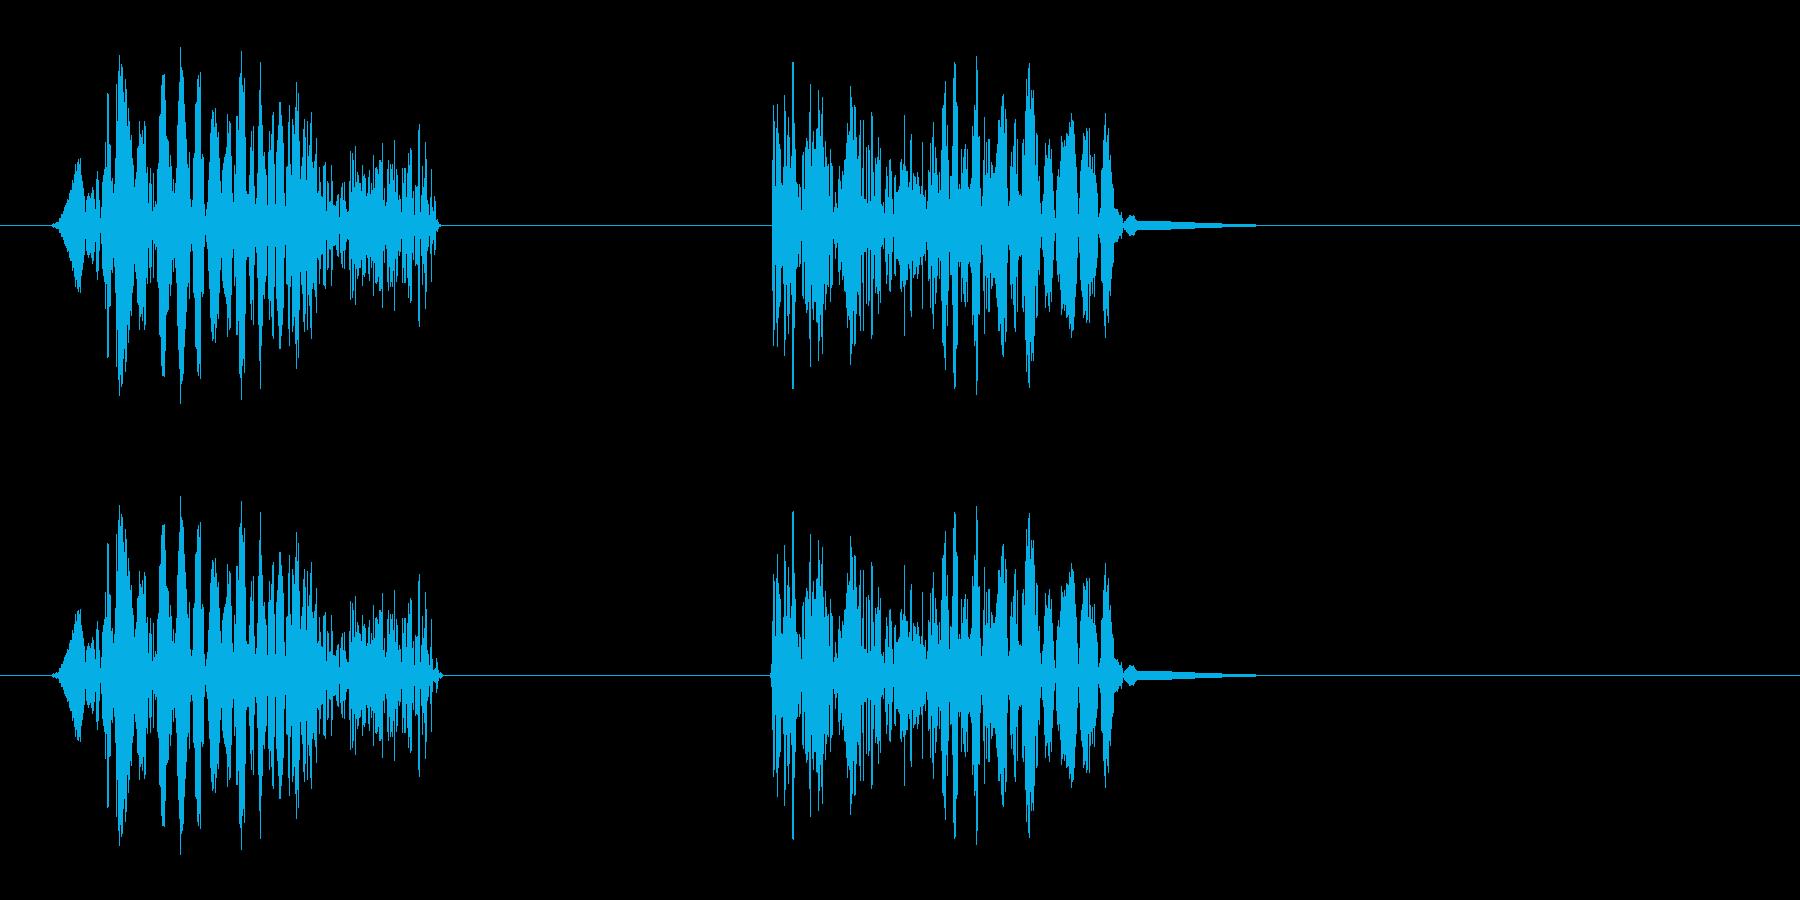 シュワッ(スクラッチ、ひっかく音)の再生済みの波形